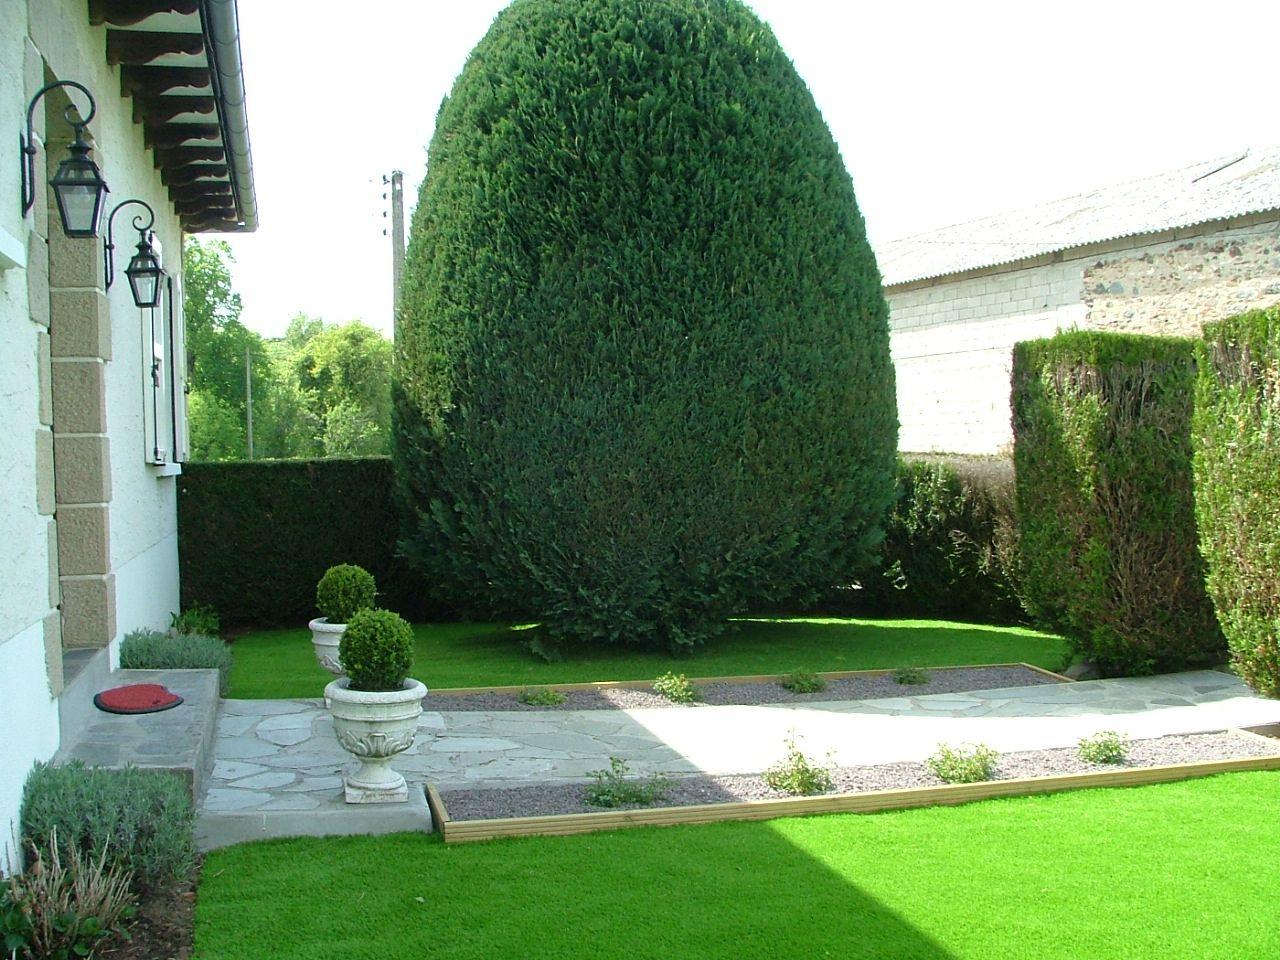 pingl par jardin conseil sur gazon synthetique pinterest gazon synth tique et gazon. Black Bedroom Furniture Sets. Home Design Ideas